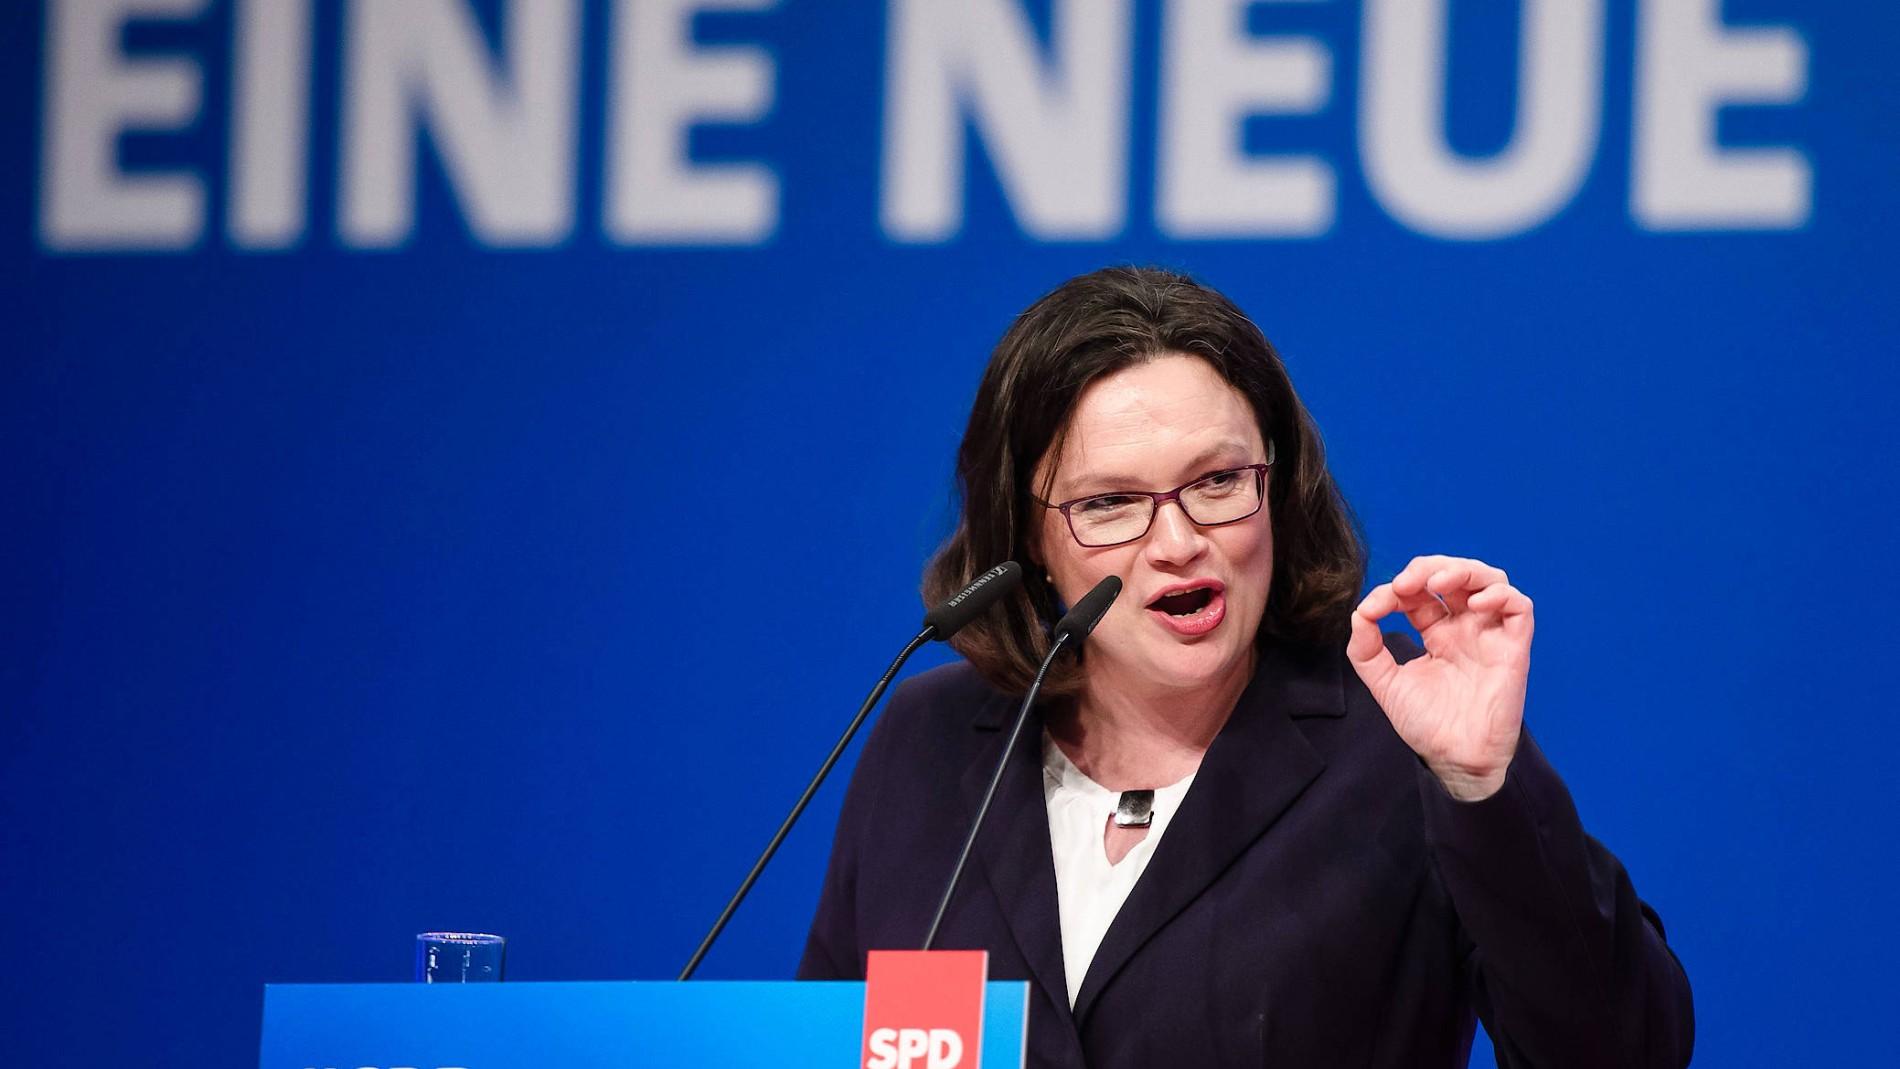 Nahles Mit Zweitschlechtestem Ergebnis Zur Ersten SPD Chefin Gewählt